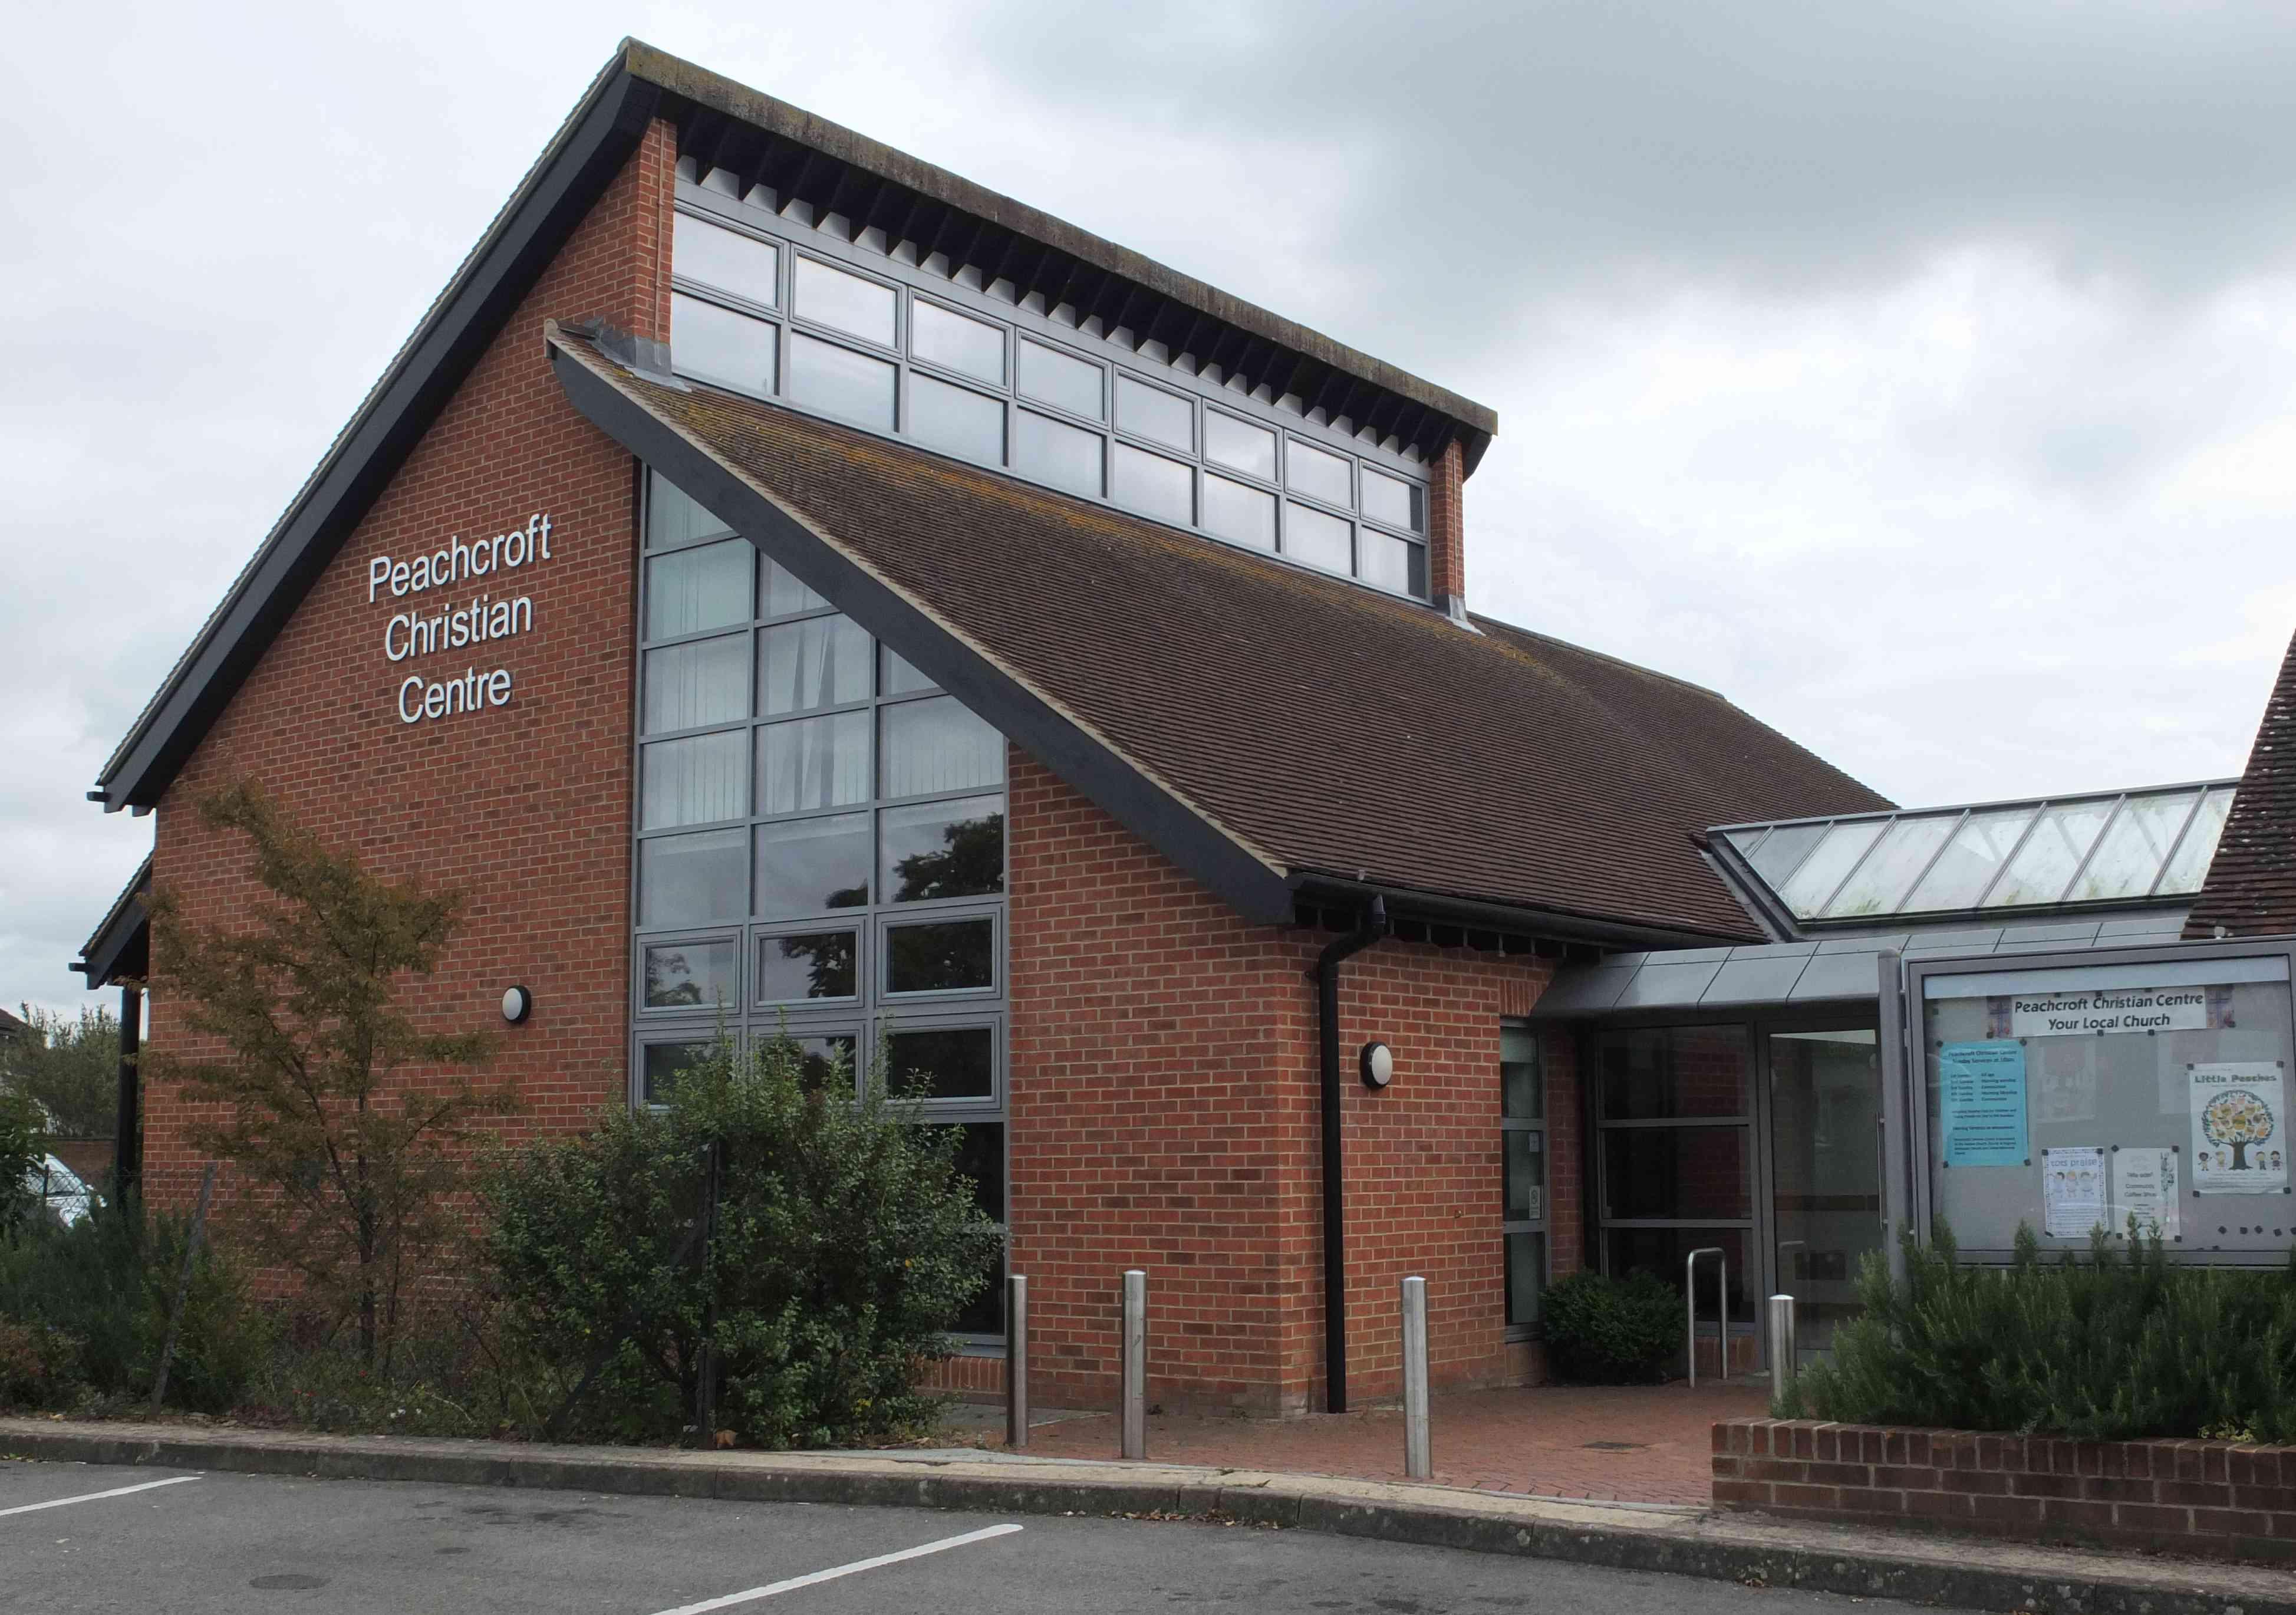 Peachcroft Christian Centre for hire